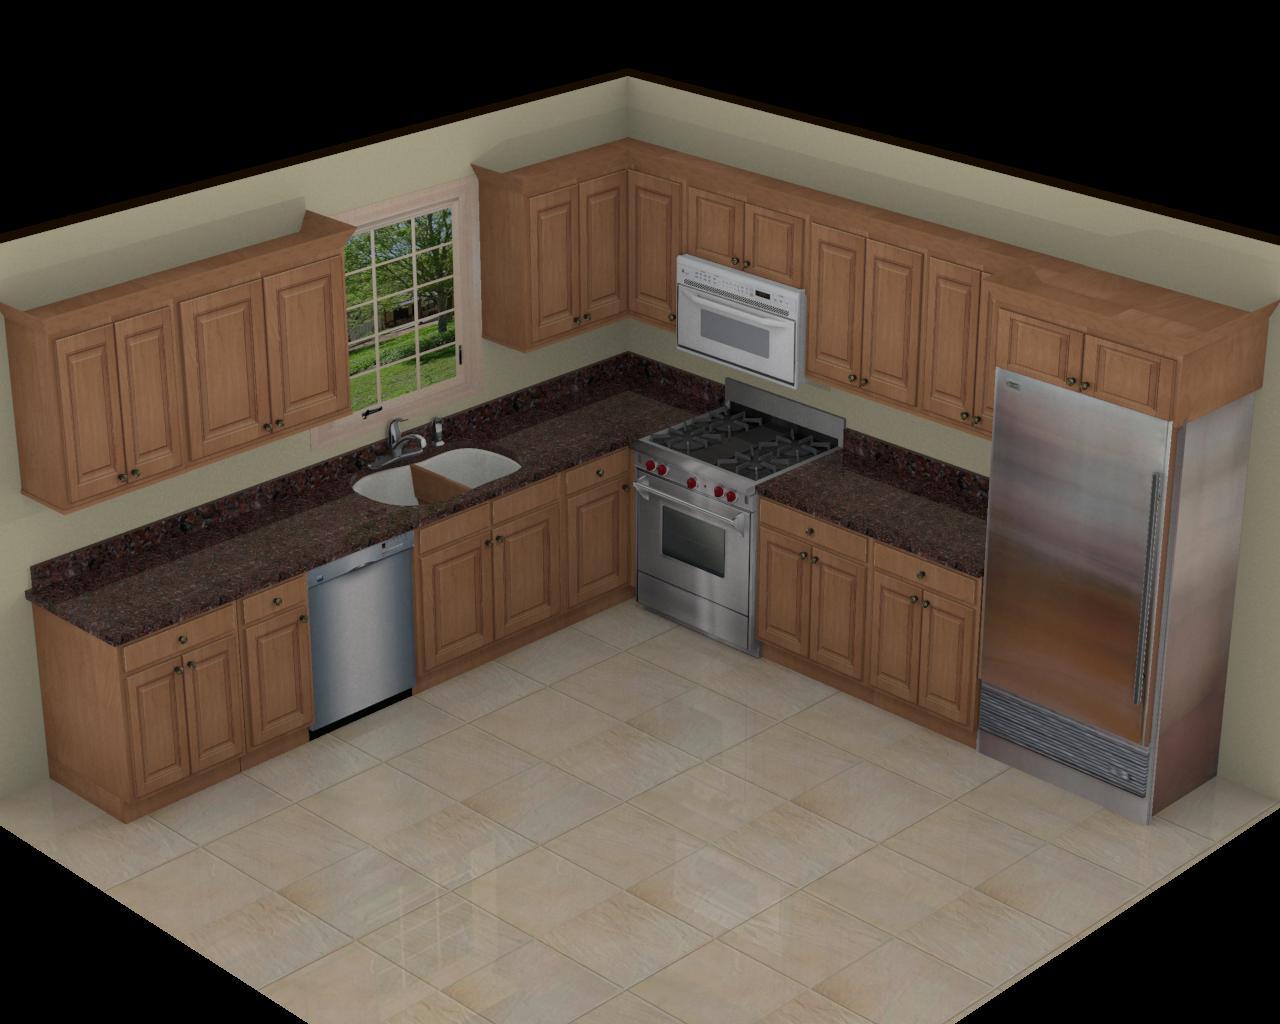 Sle kitchen designs sle kitchen designs pics photos sle for Cape house kitchen designs